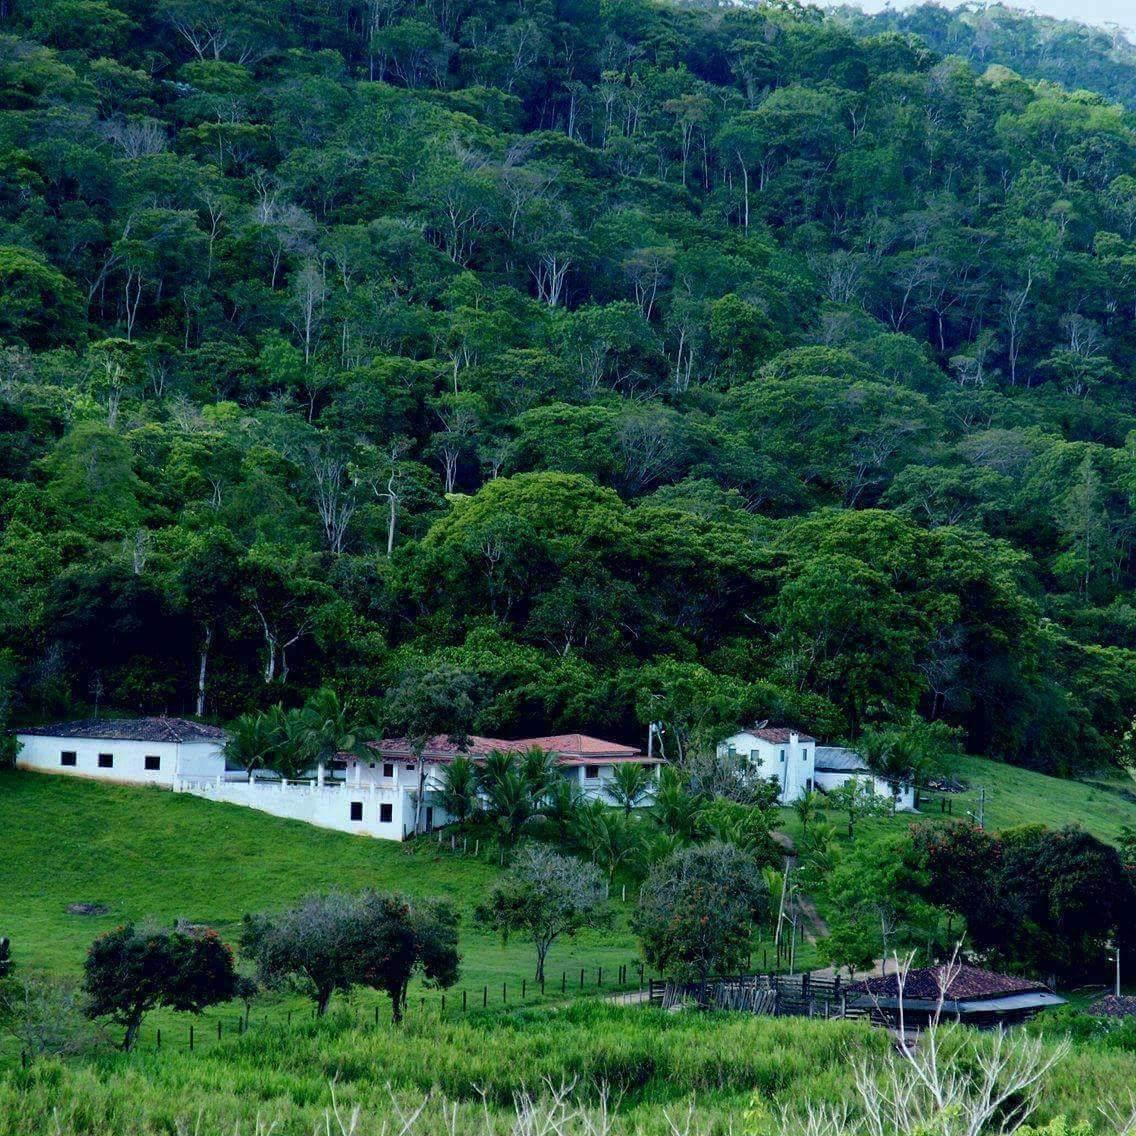 40 hectares de mata nativa foram preservados ao redor do Hotel Fazenda Princesa Ester, em Iguaí.